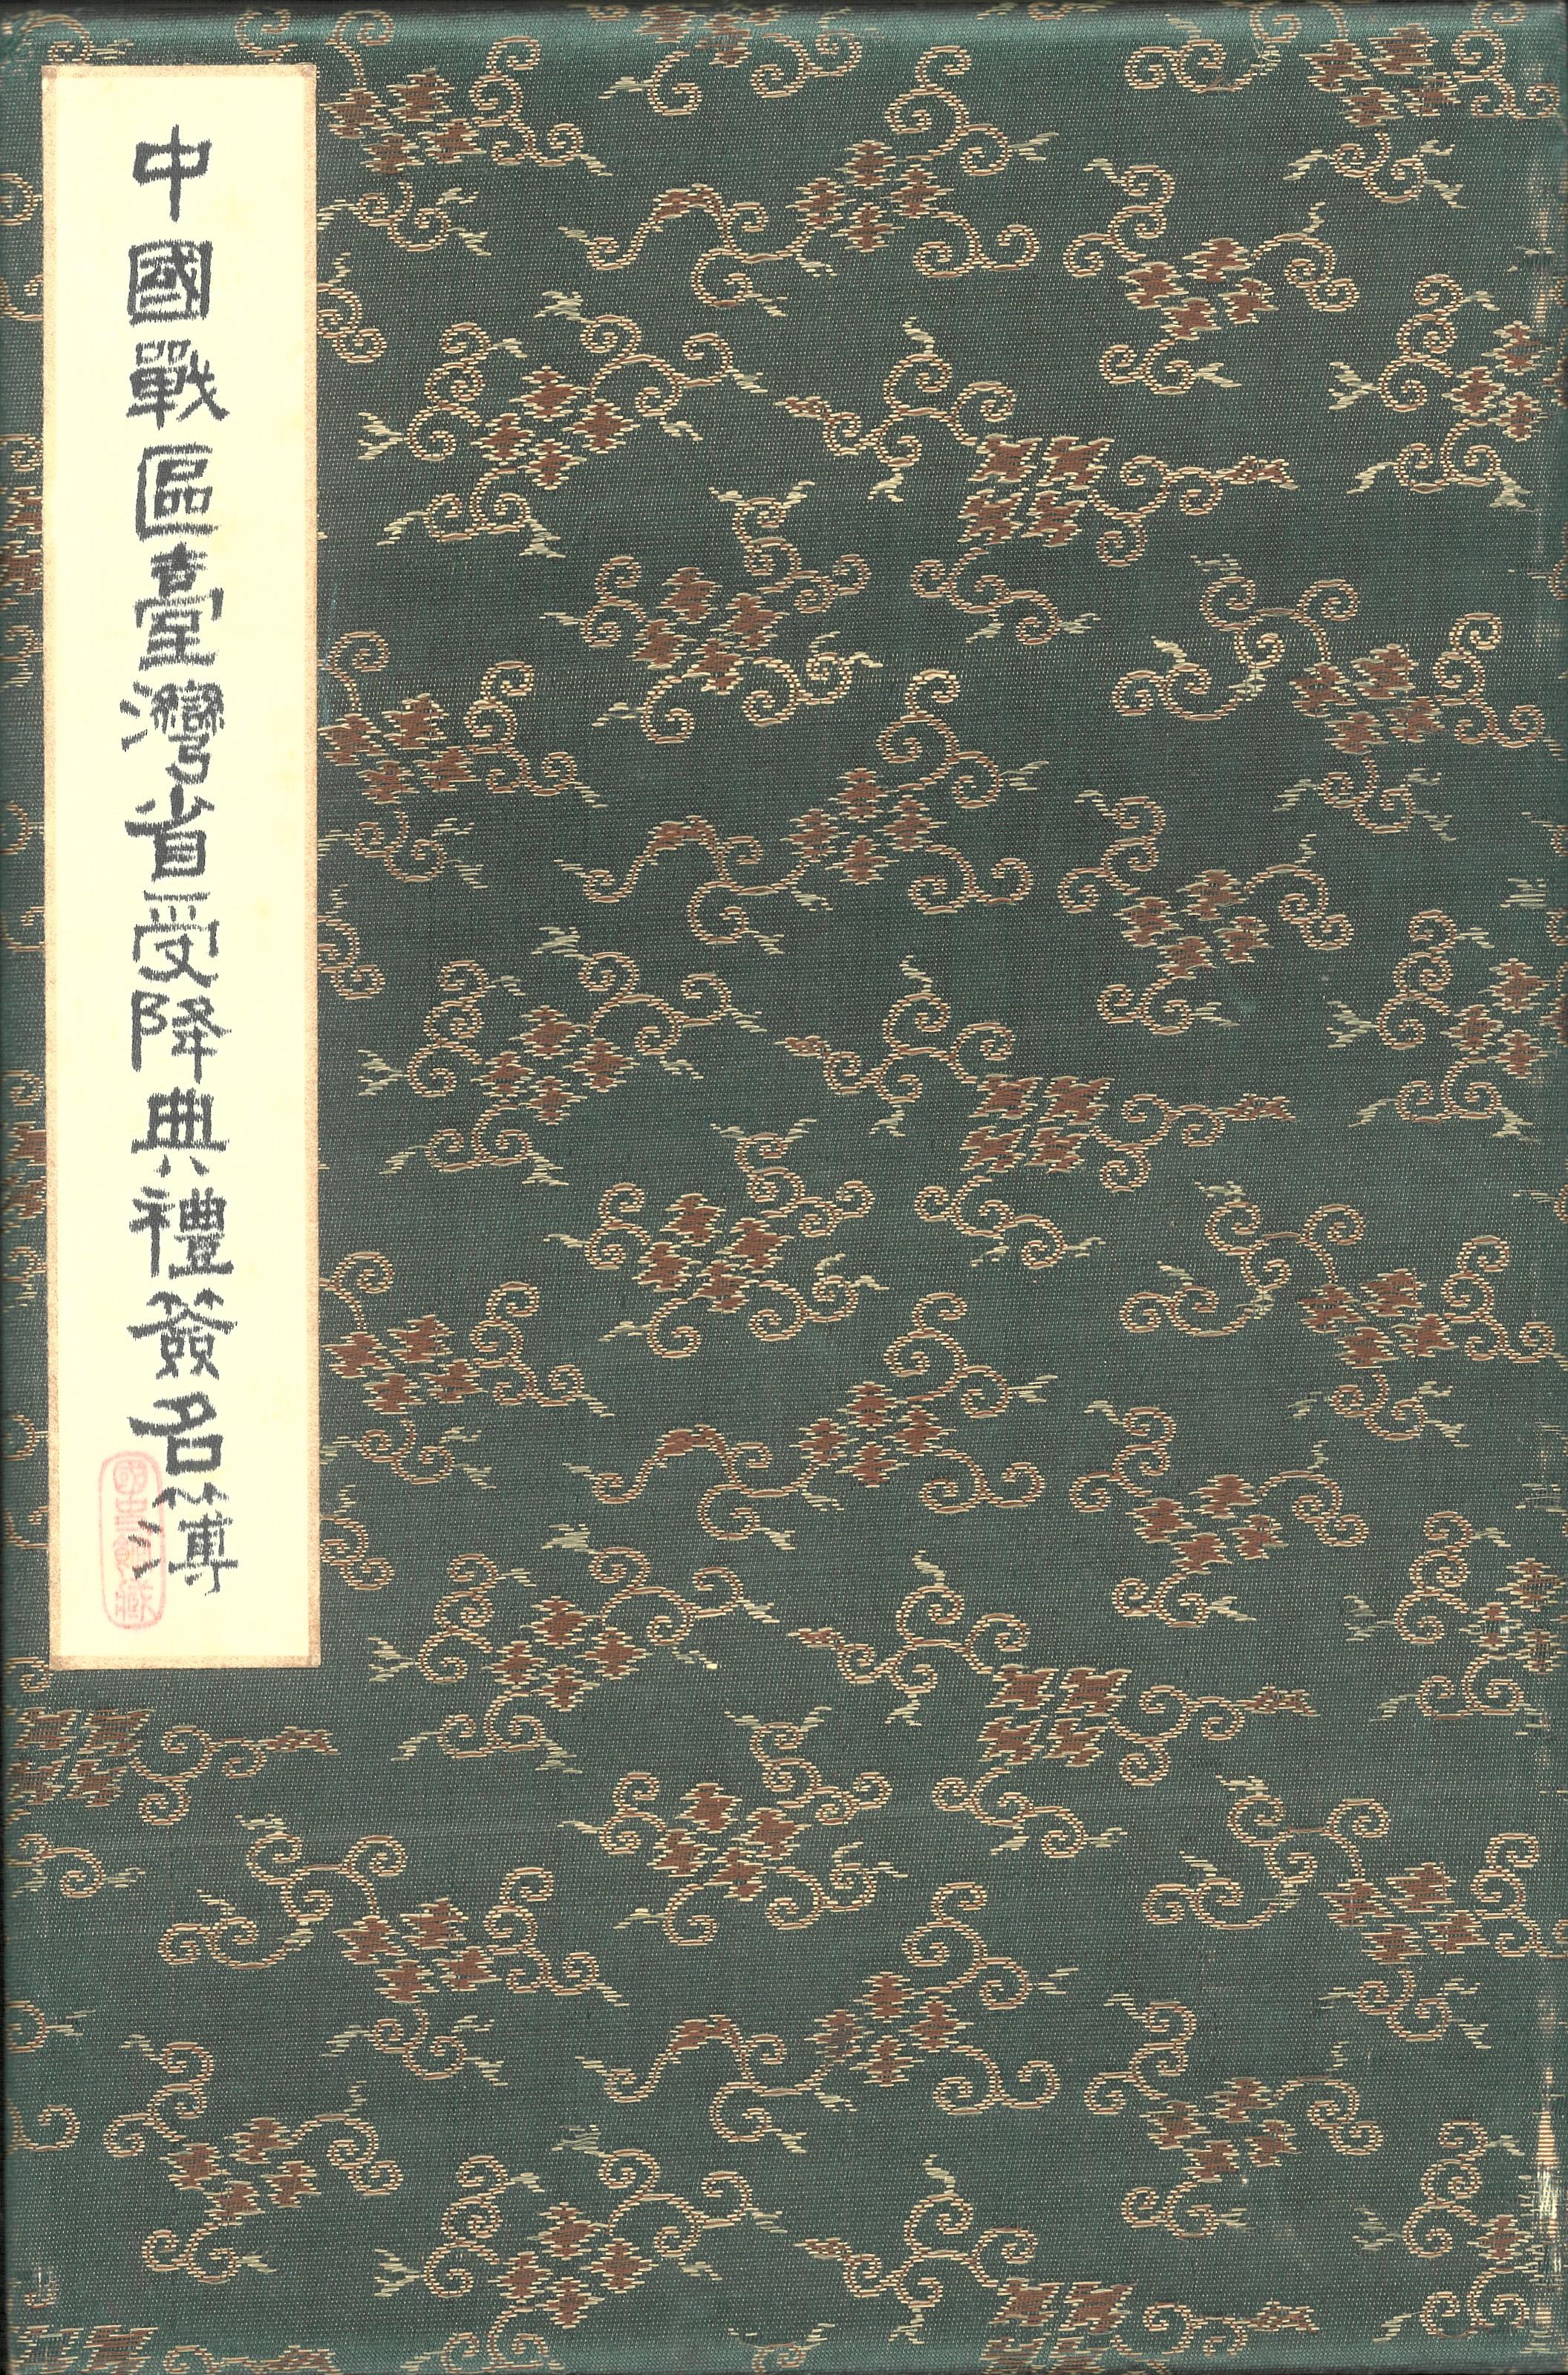 圖2:中國戰區臺灣省受降典禮簽名簿封面